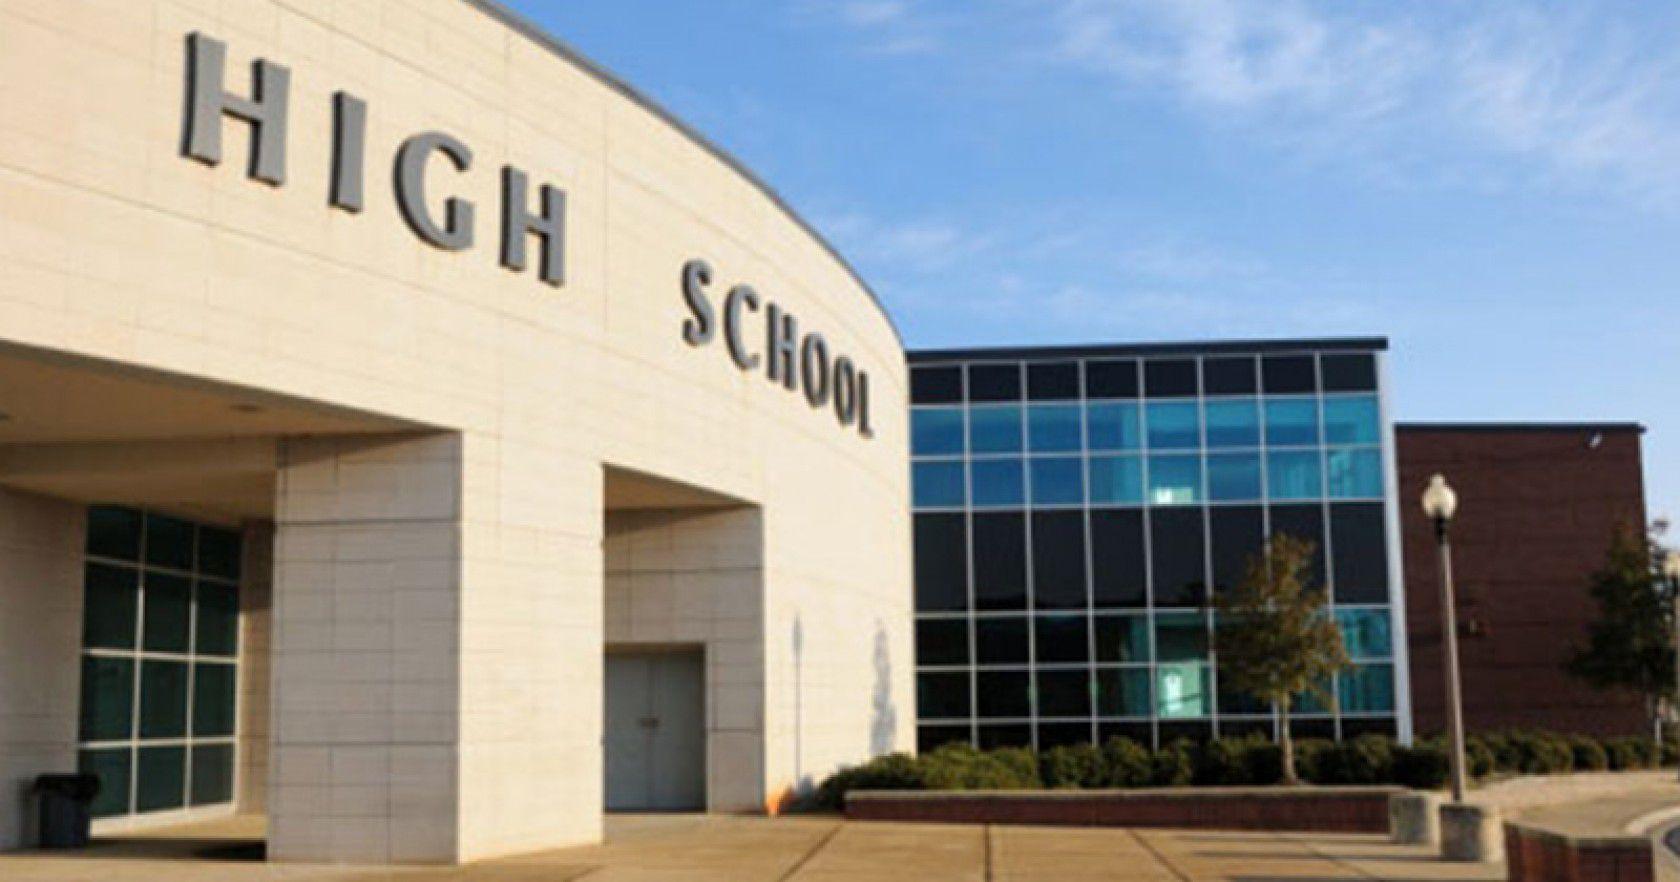 Amerika'da En iyi Spor Liseleri Hakkında Mutlaka Bilinmesi Gerekenler